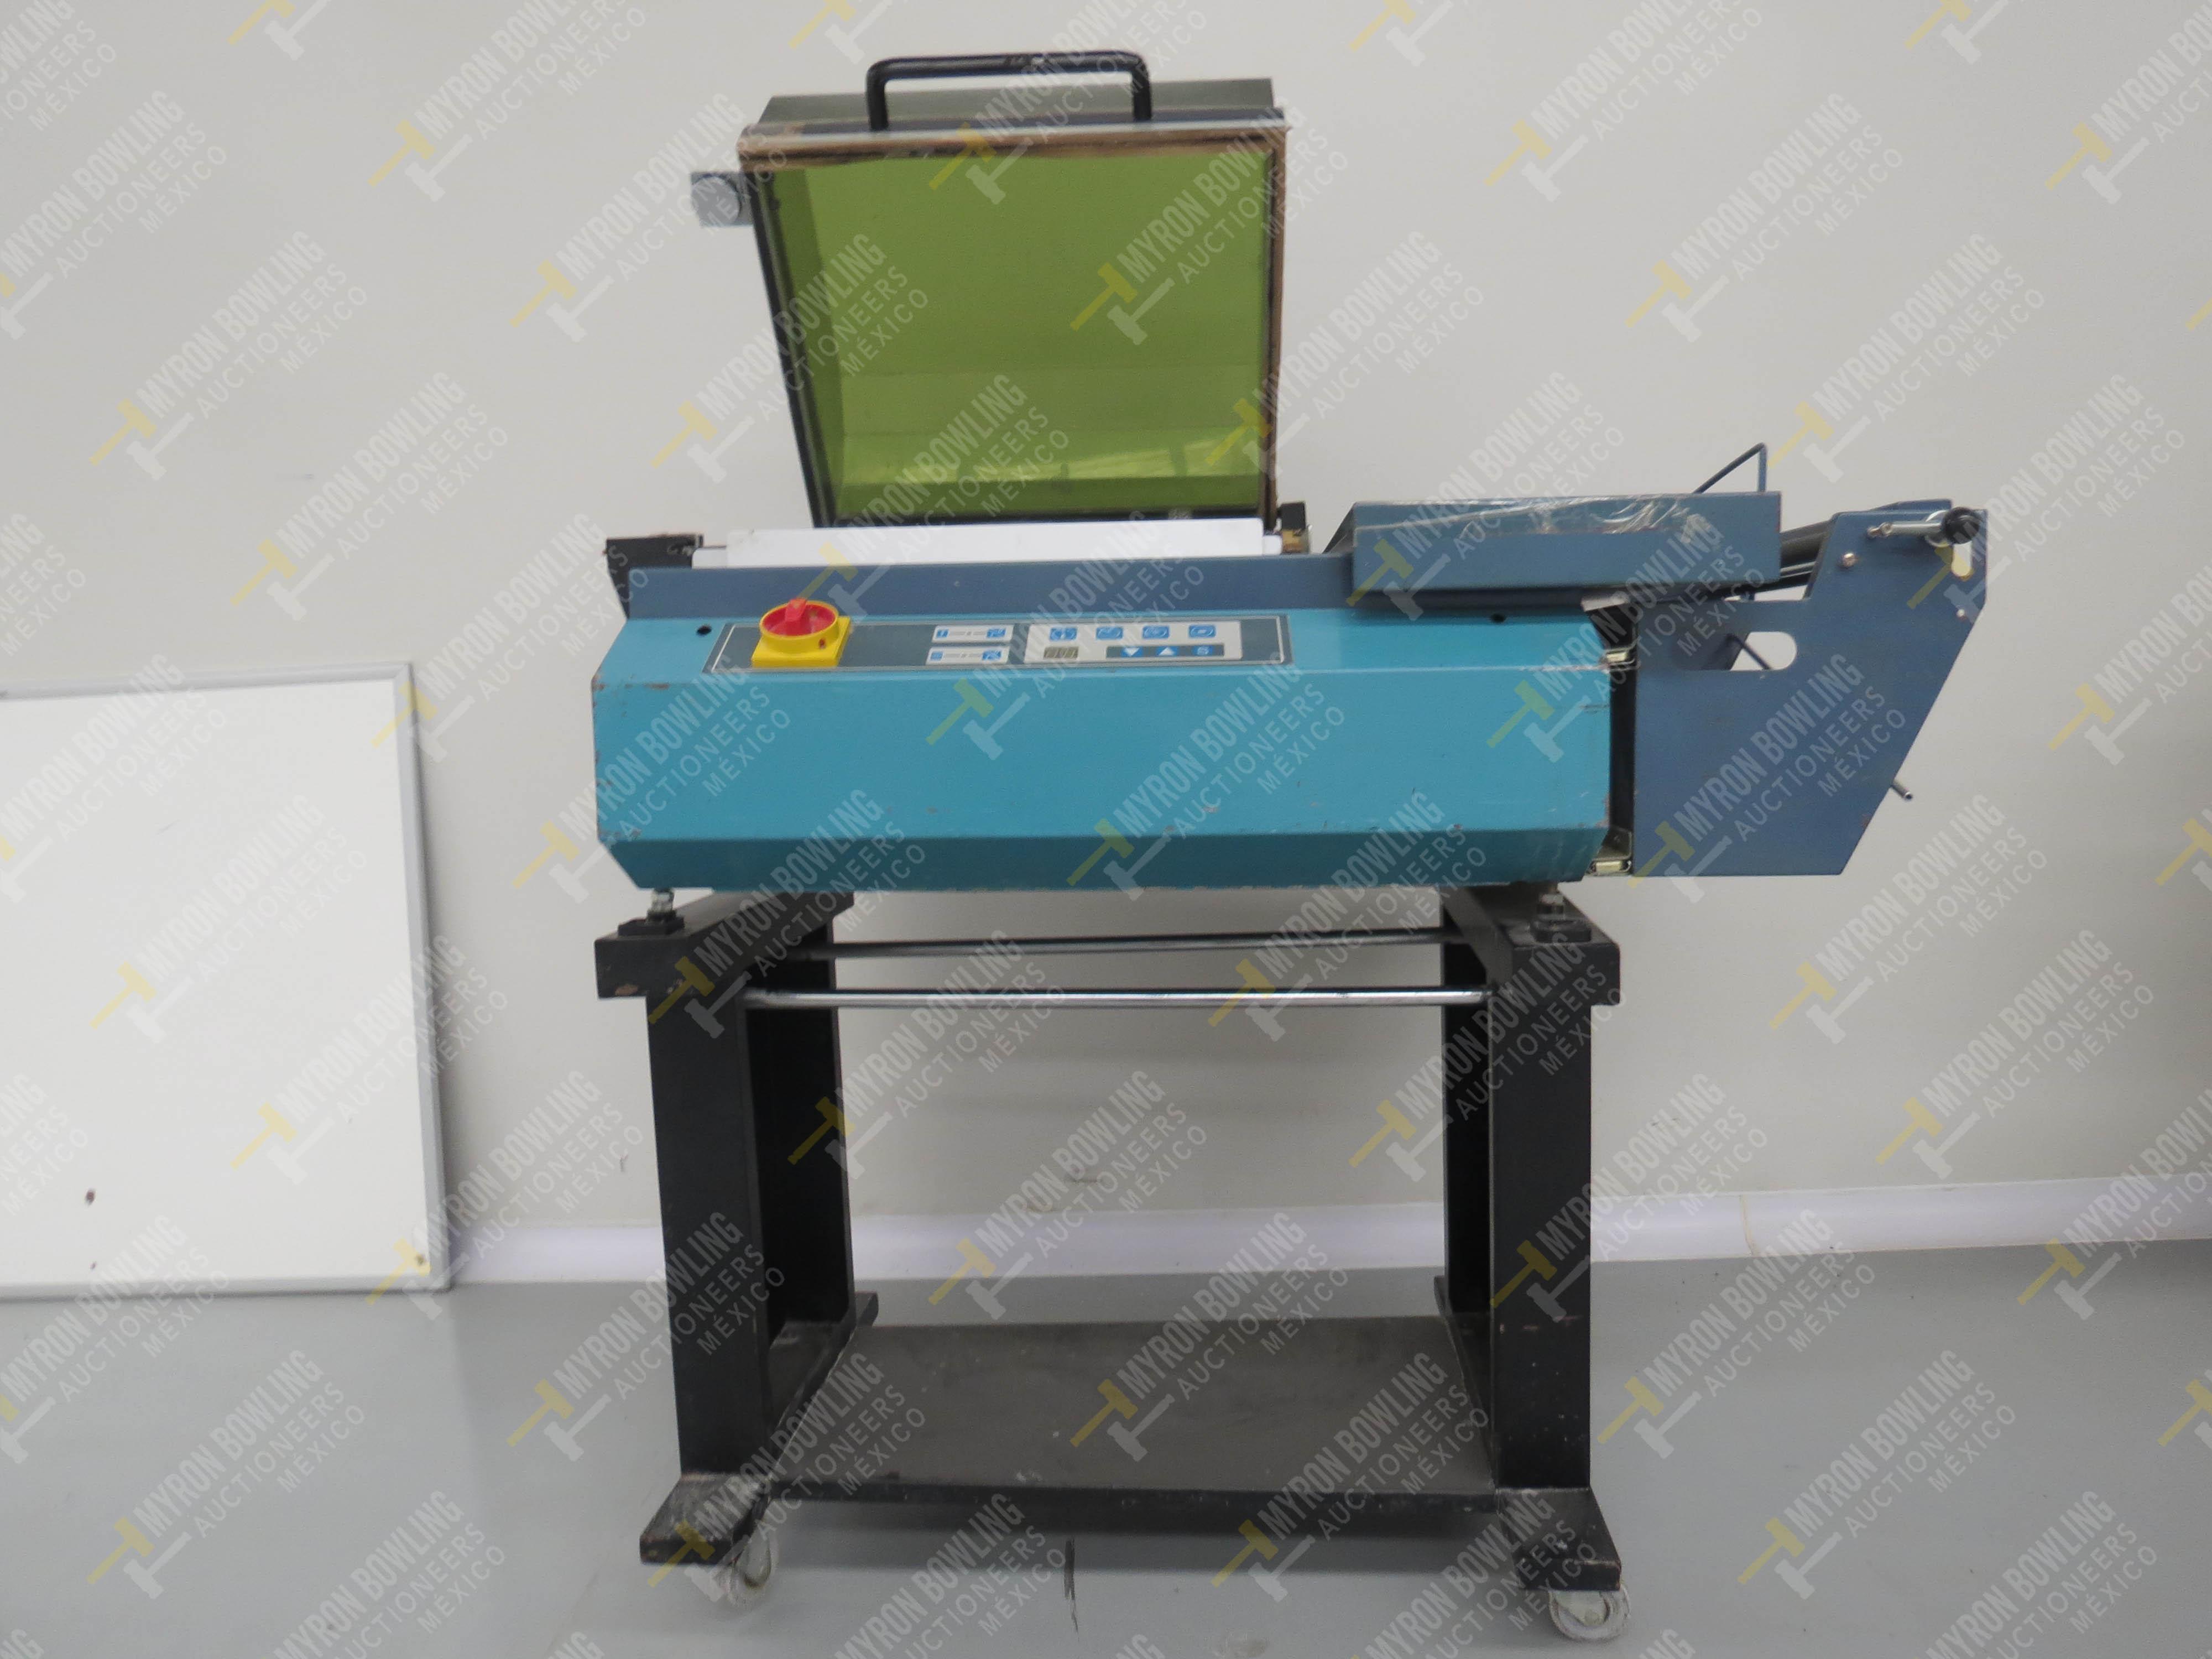 Máquina emplayadora Modelo EKH-346, No. de Serie 0601012B - Image 2 of 4